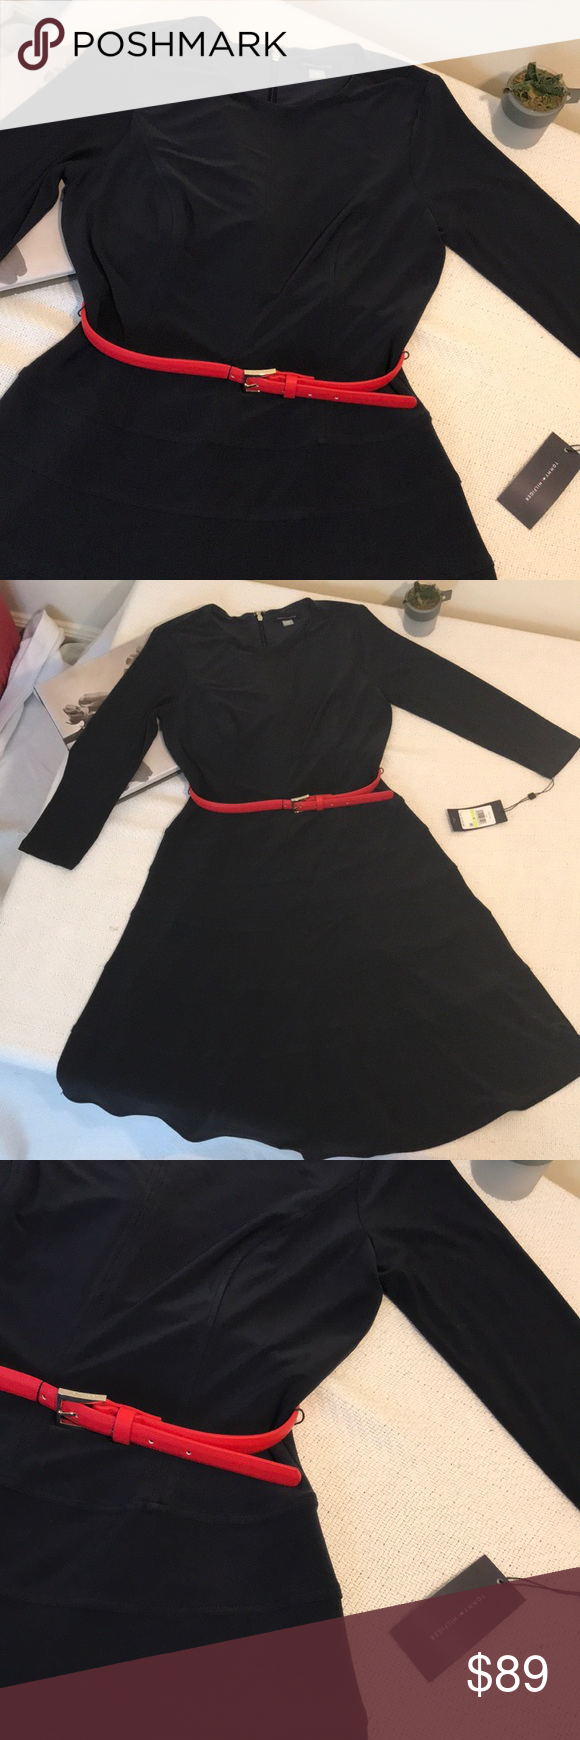 Saleu tommy hilfiger u long sleeve belted dress red belt